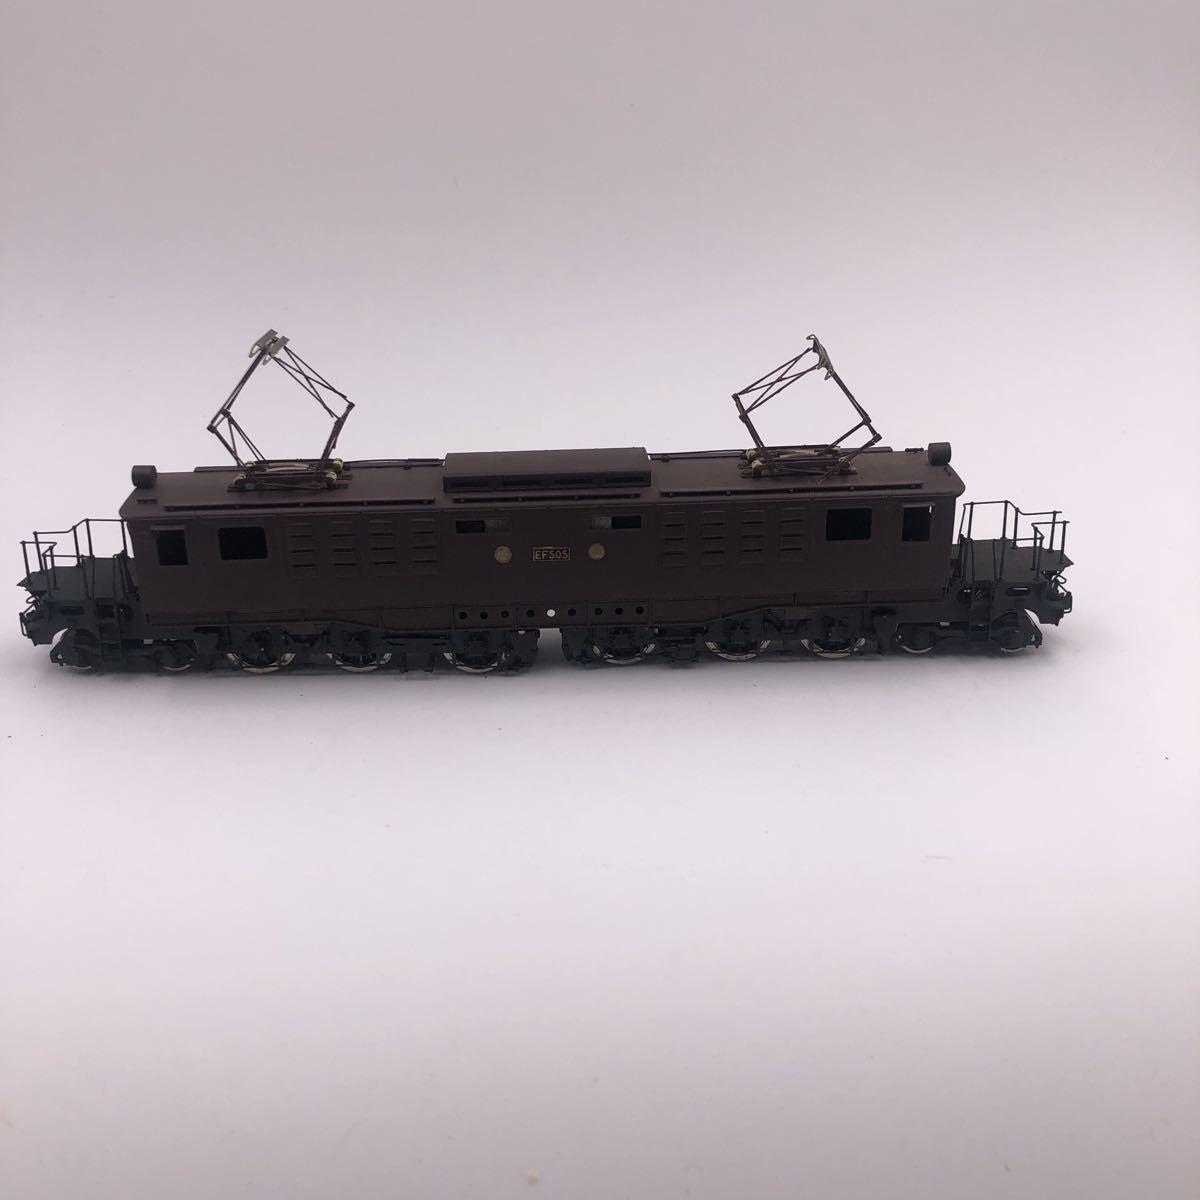 ピノチオ 国鉄 EF50 直流電気機関車 HOゲージ_画像6